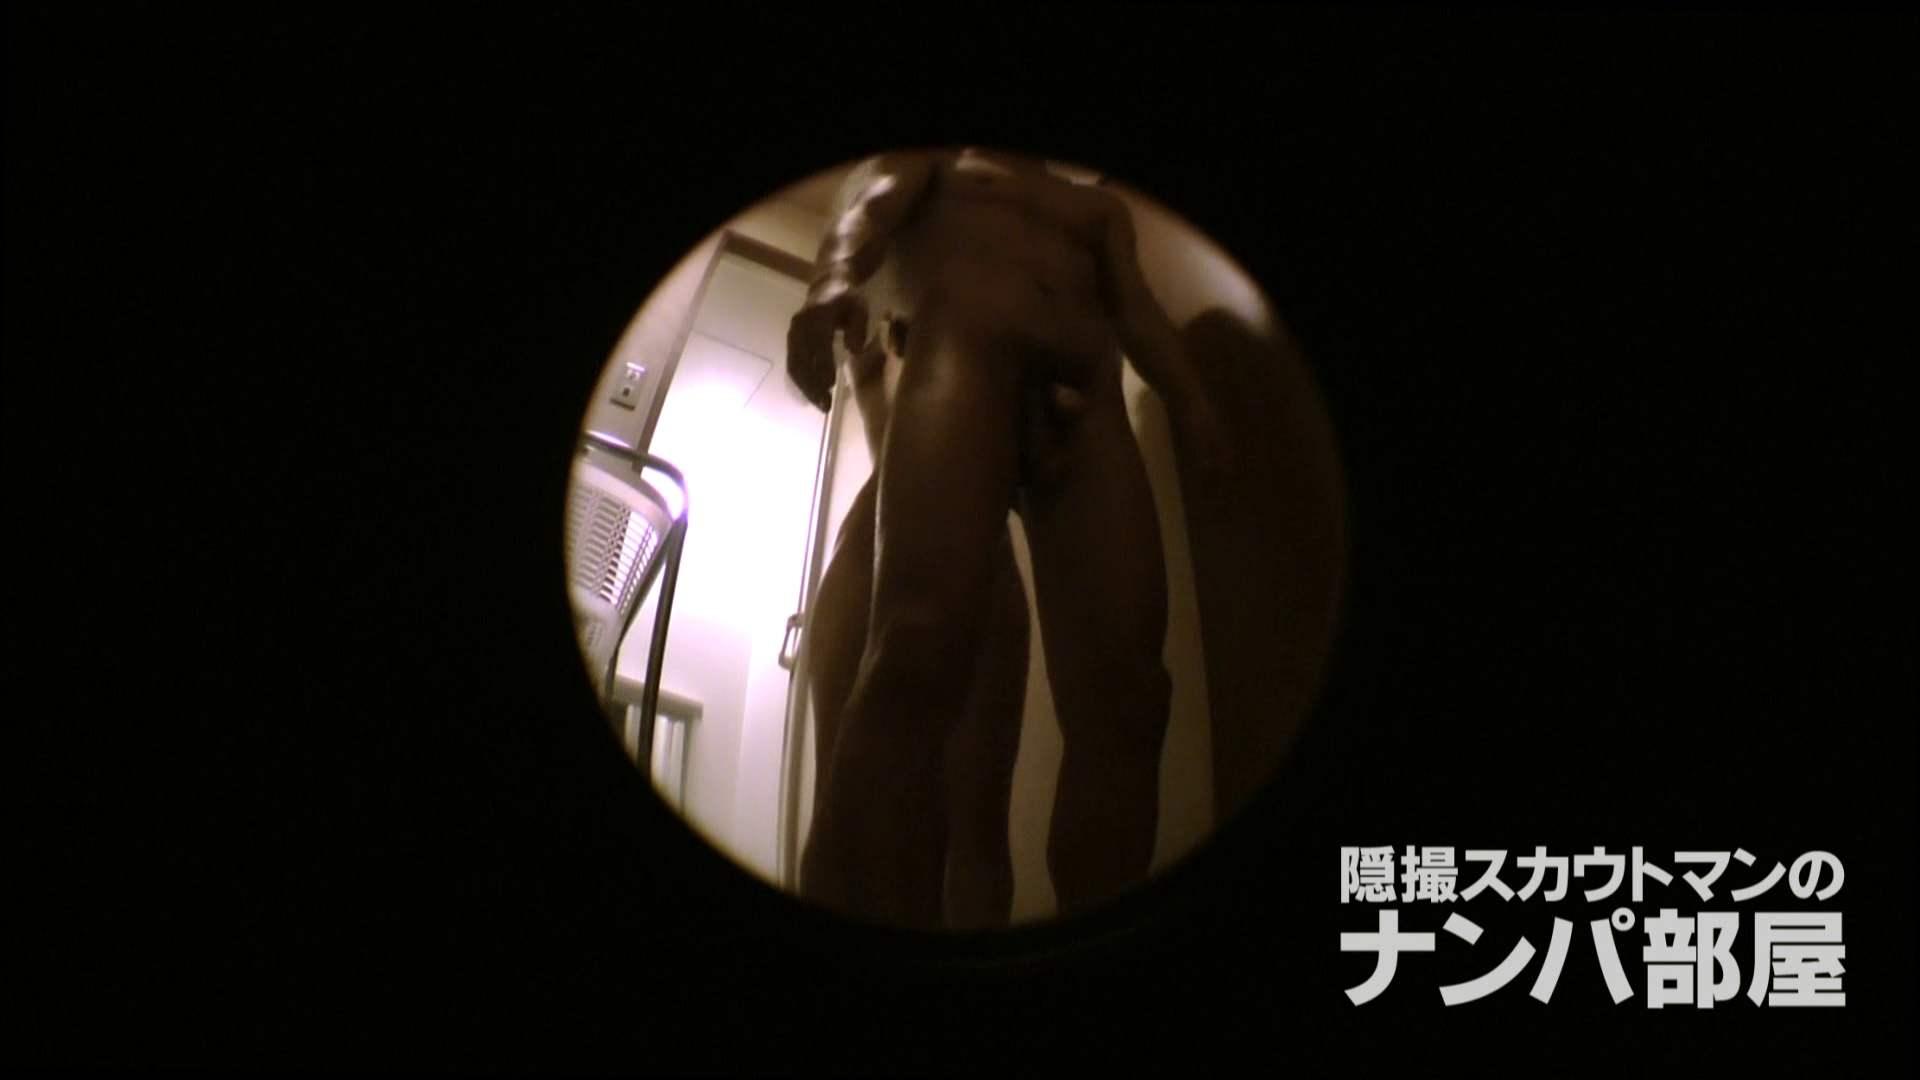 隠撮スカウトマンのナンパ部屋~風俗デビュー前のつまみ食い~ siivol.3 ナンパ実況  12pic 12